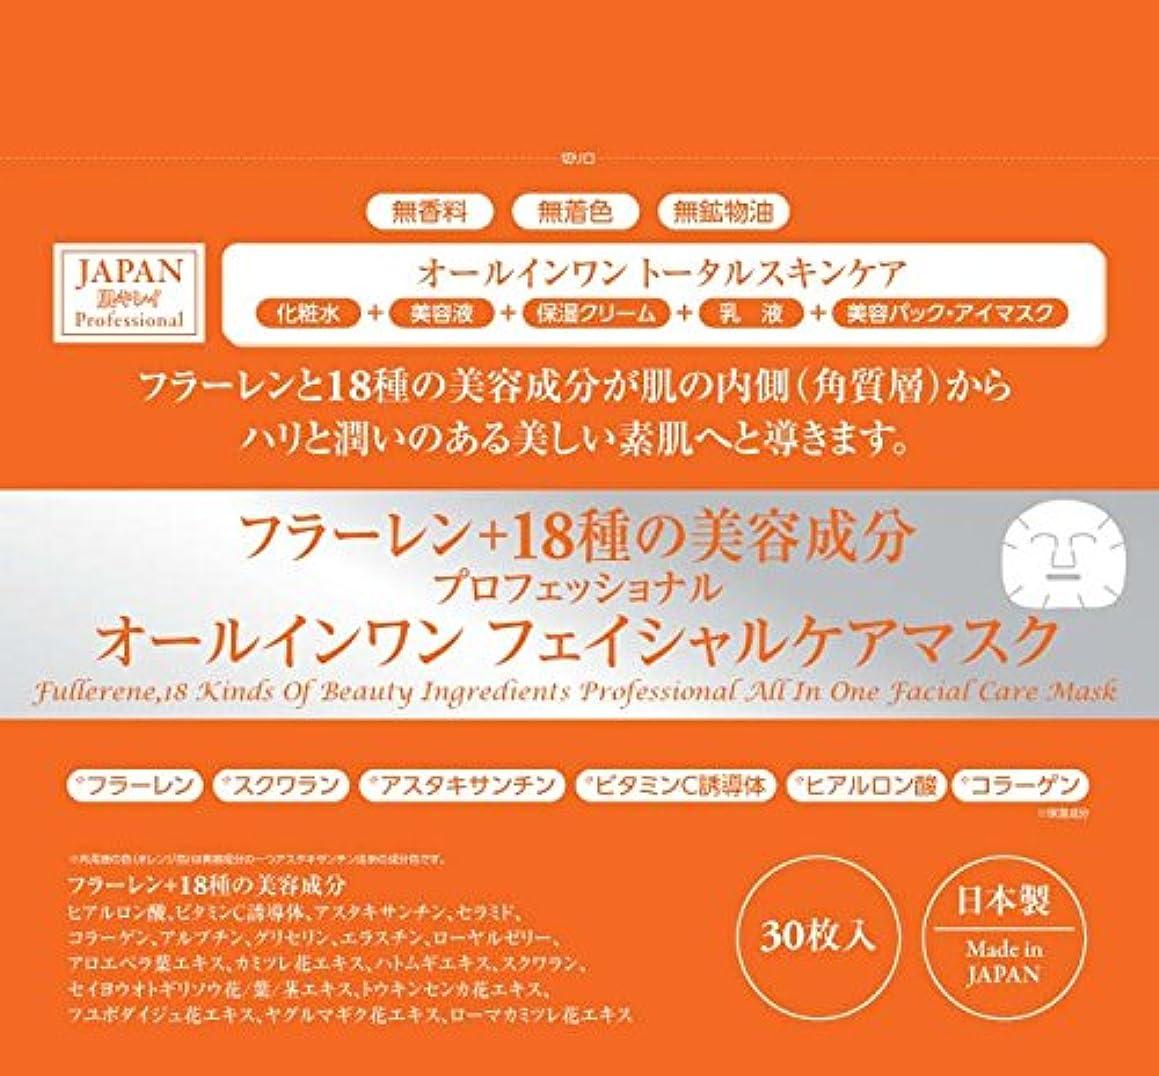 怠惰現実的広まった日本グランド?シャンパーニュ オールインワン フェイシャルケアマスク 30枚入り